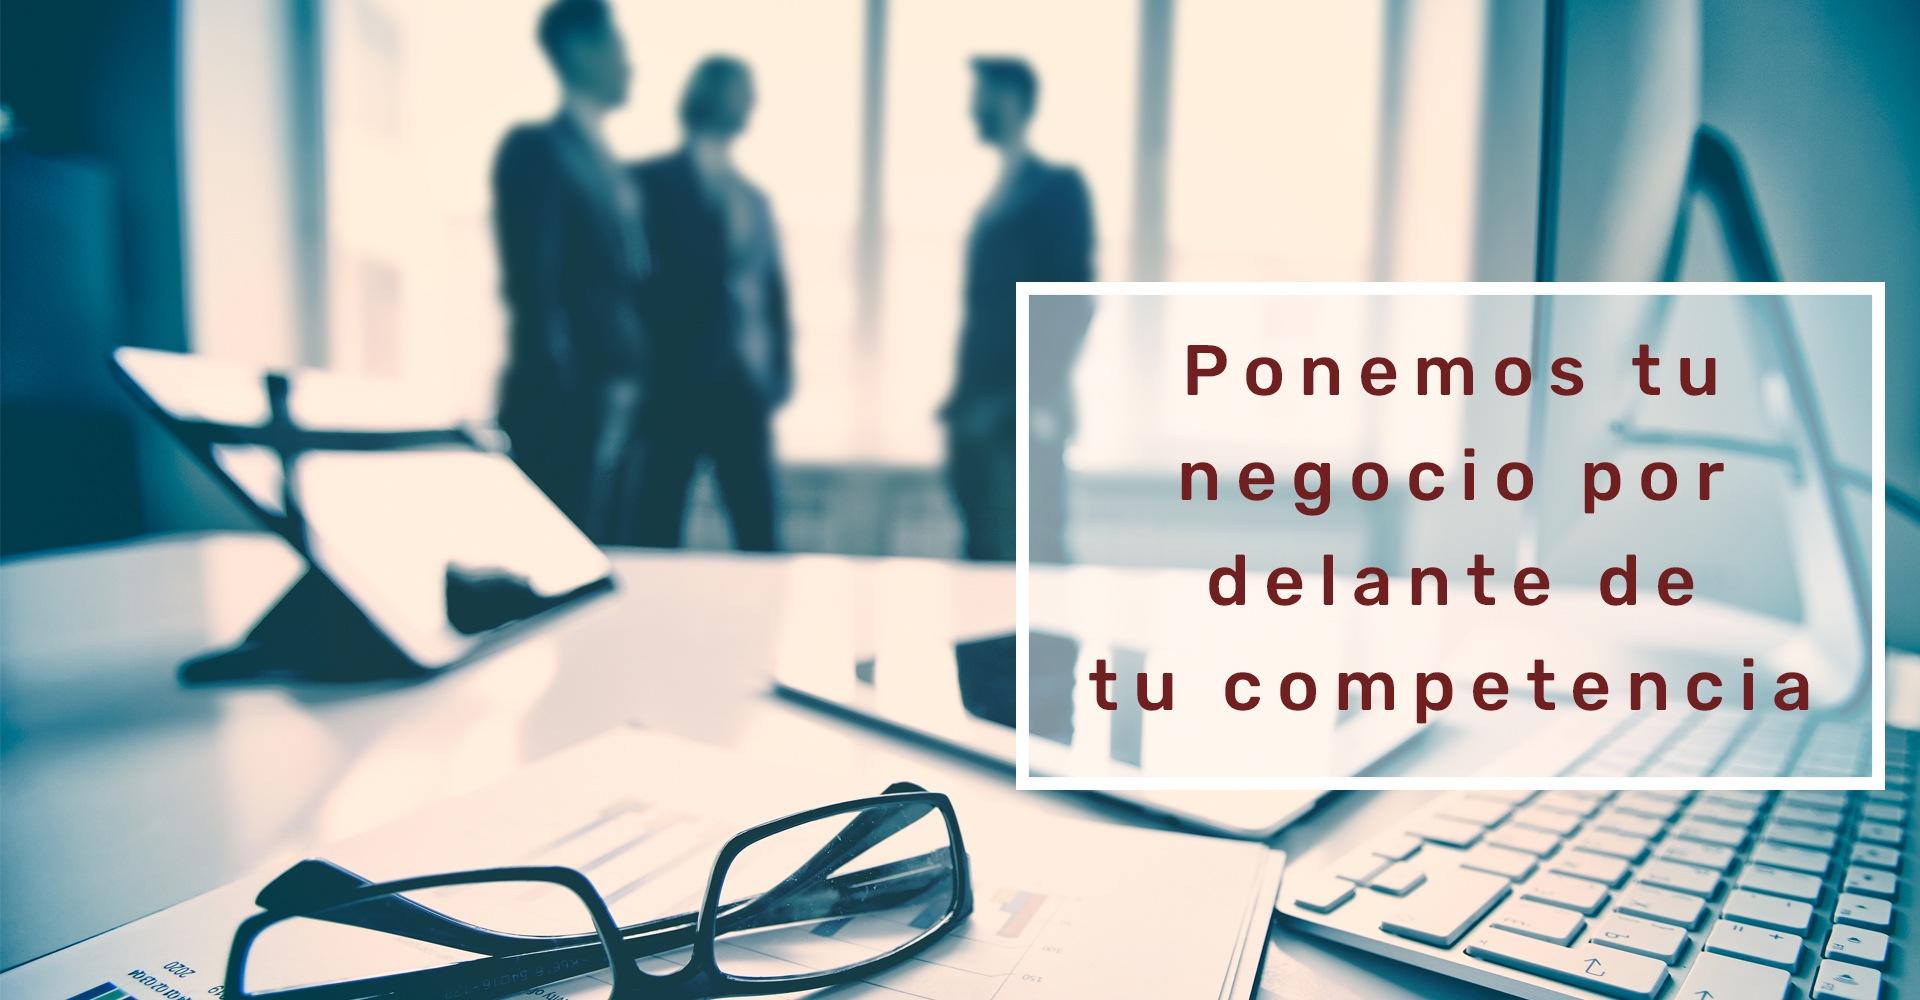 Agencia de Marketing en Salamanca, tu negocio por delante